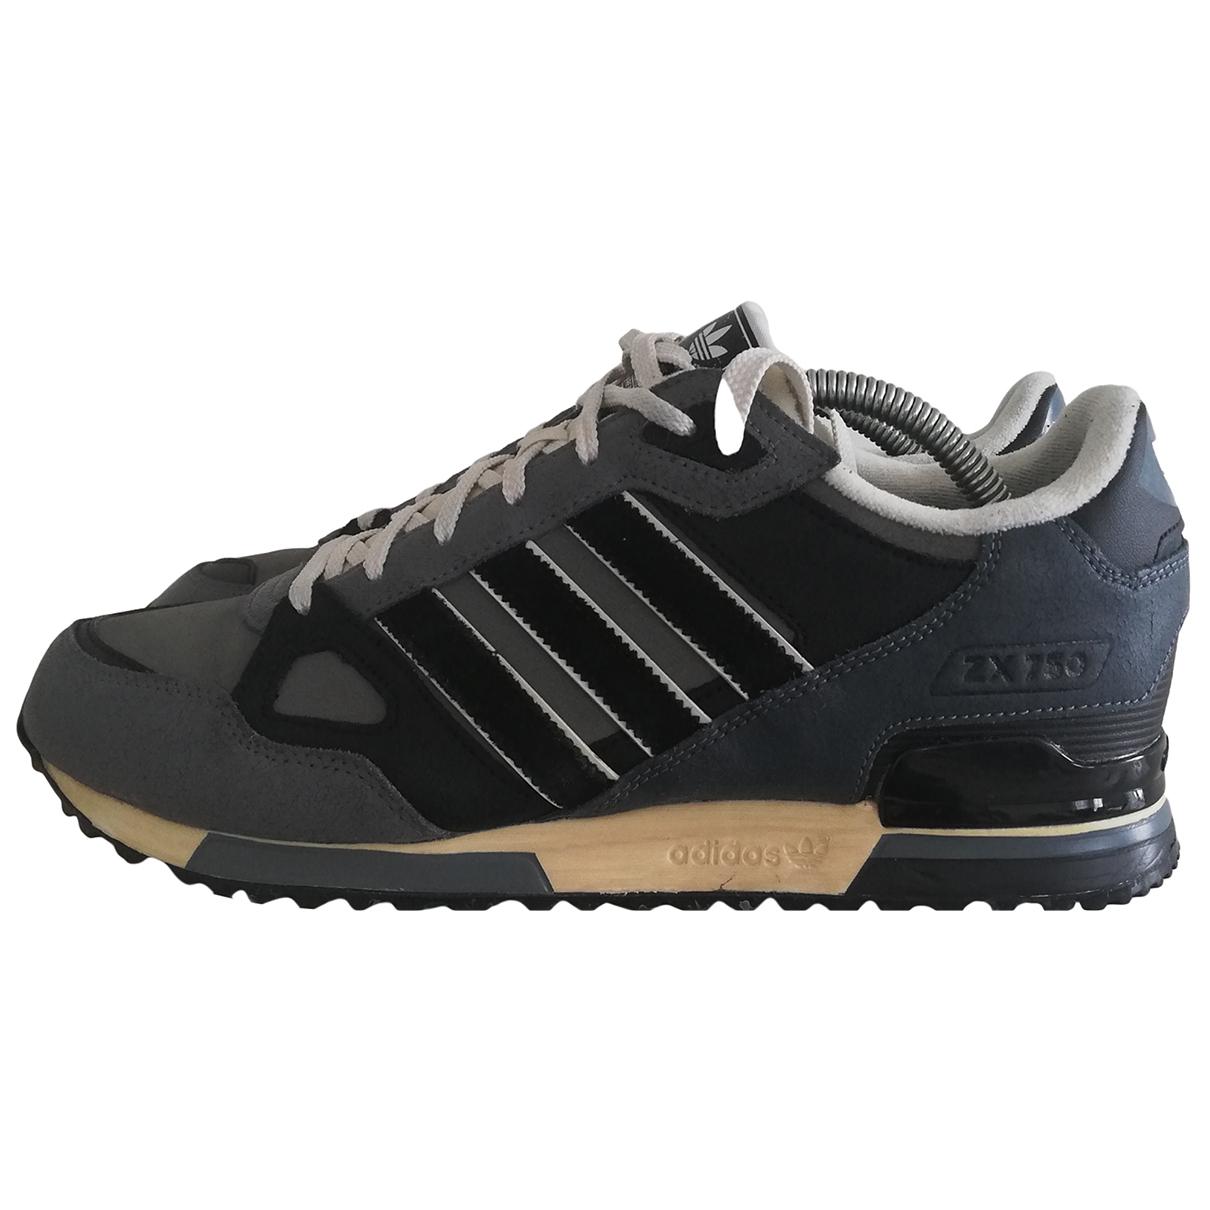 Adidas - Baskets ZX pour homme en cuir - gris